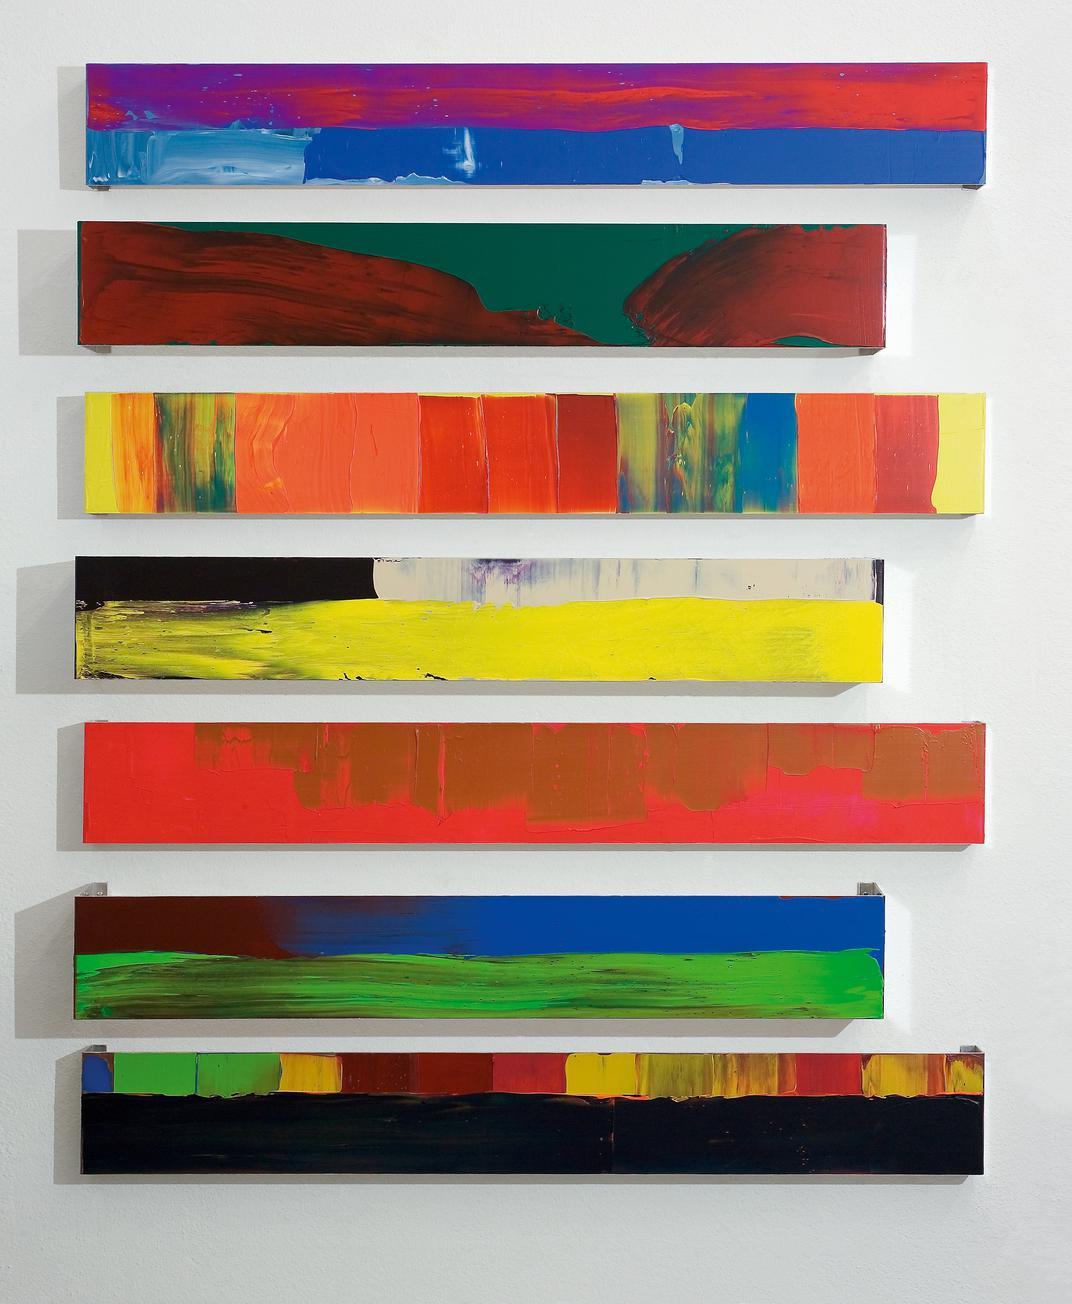 Pedro Calapez-Vertical 04-2005